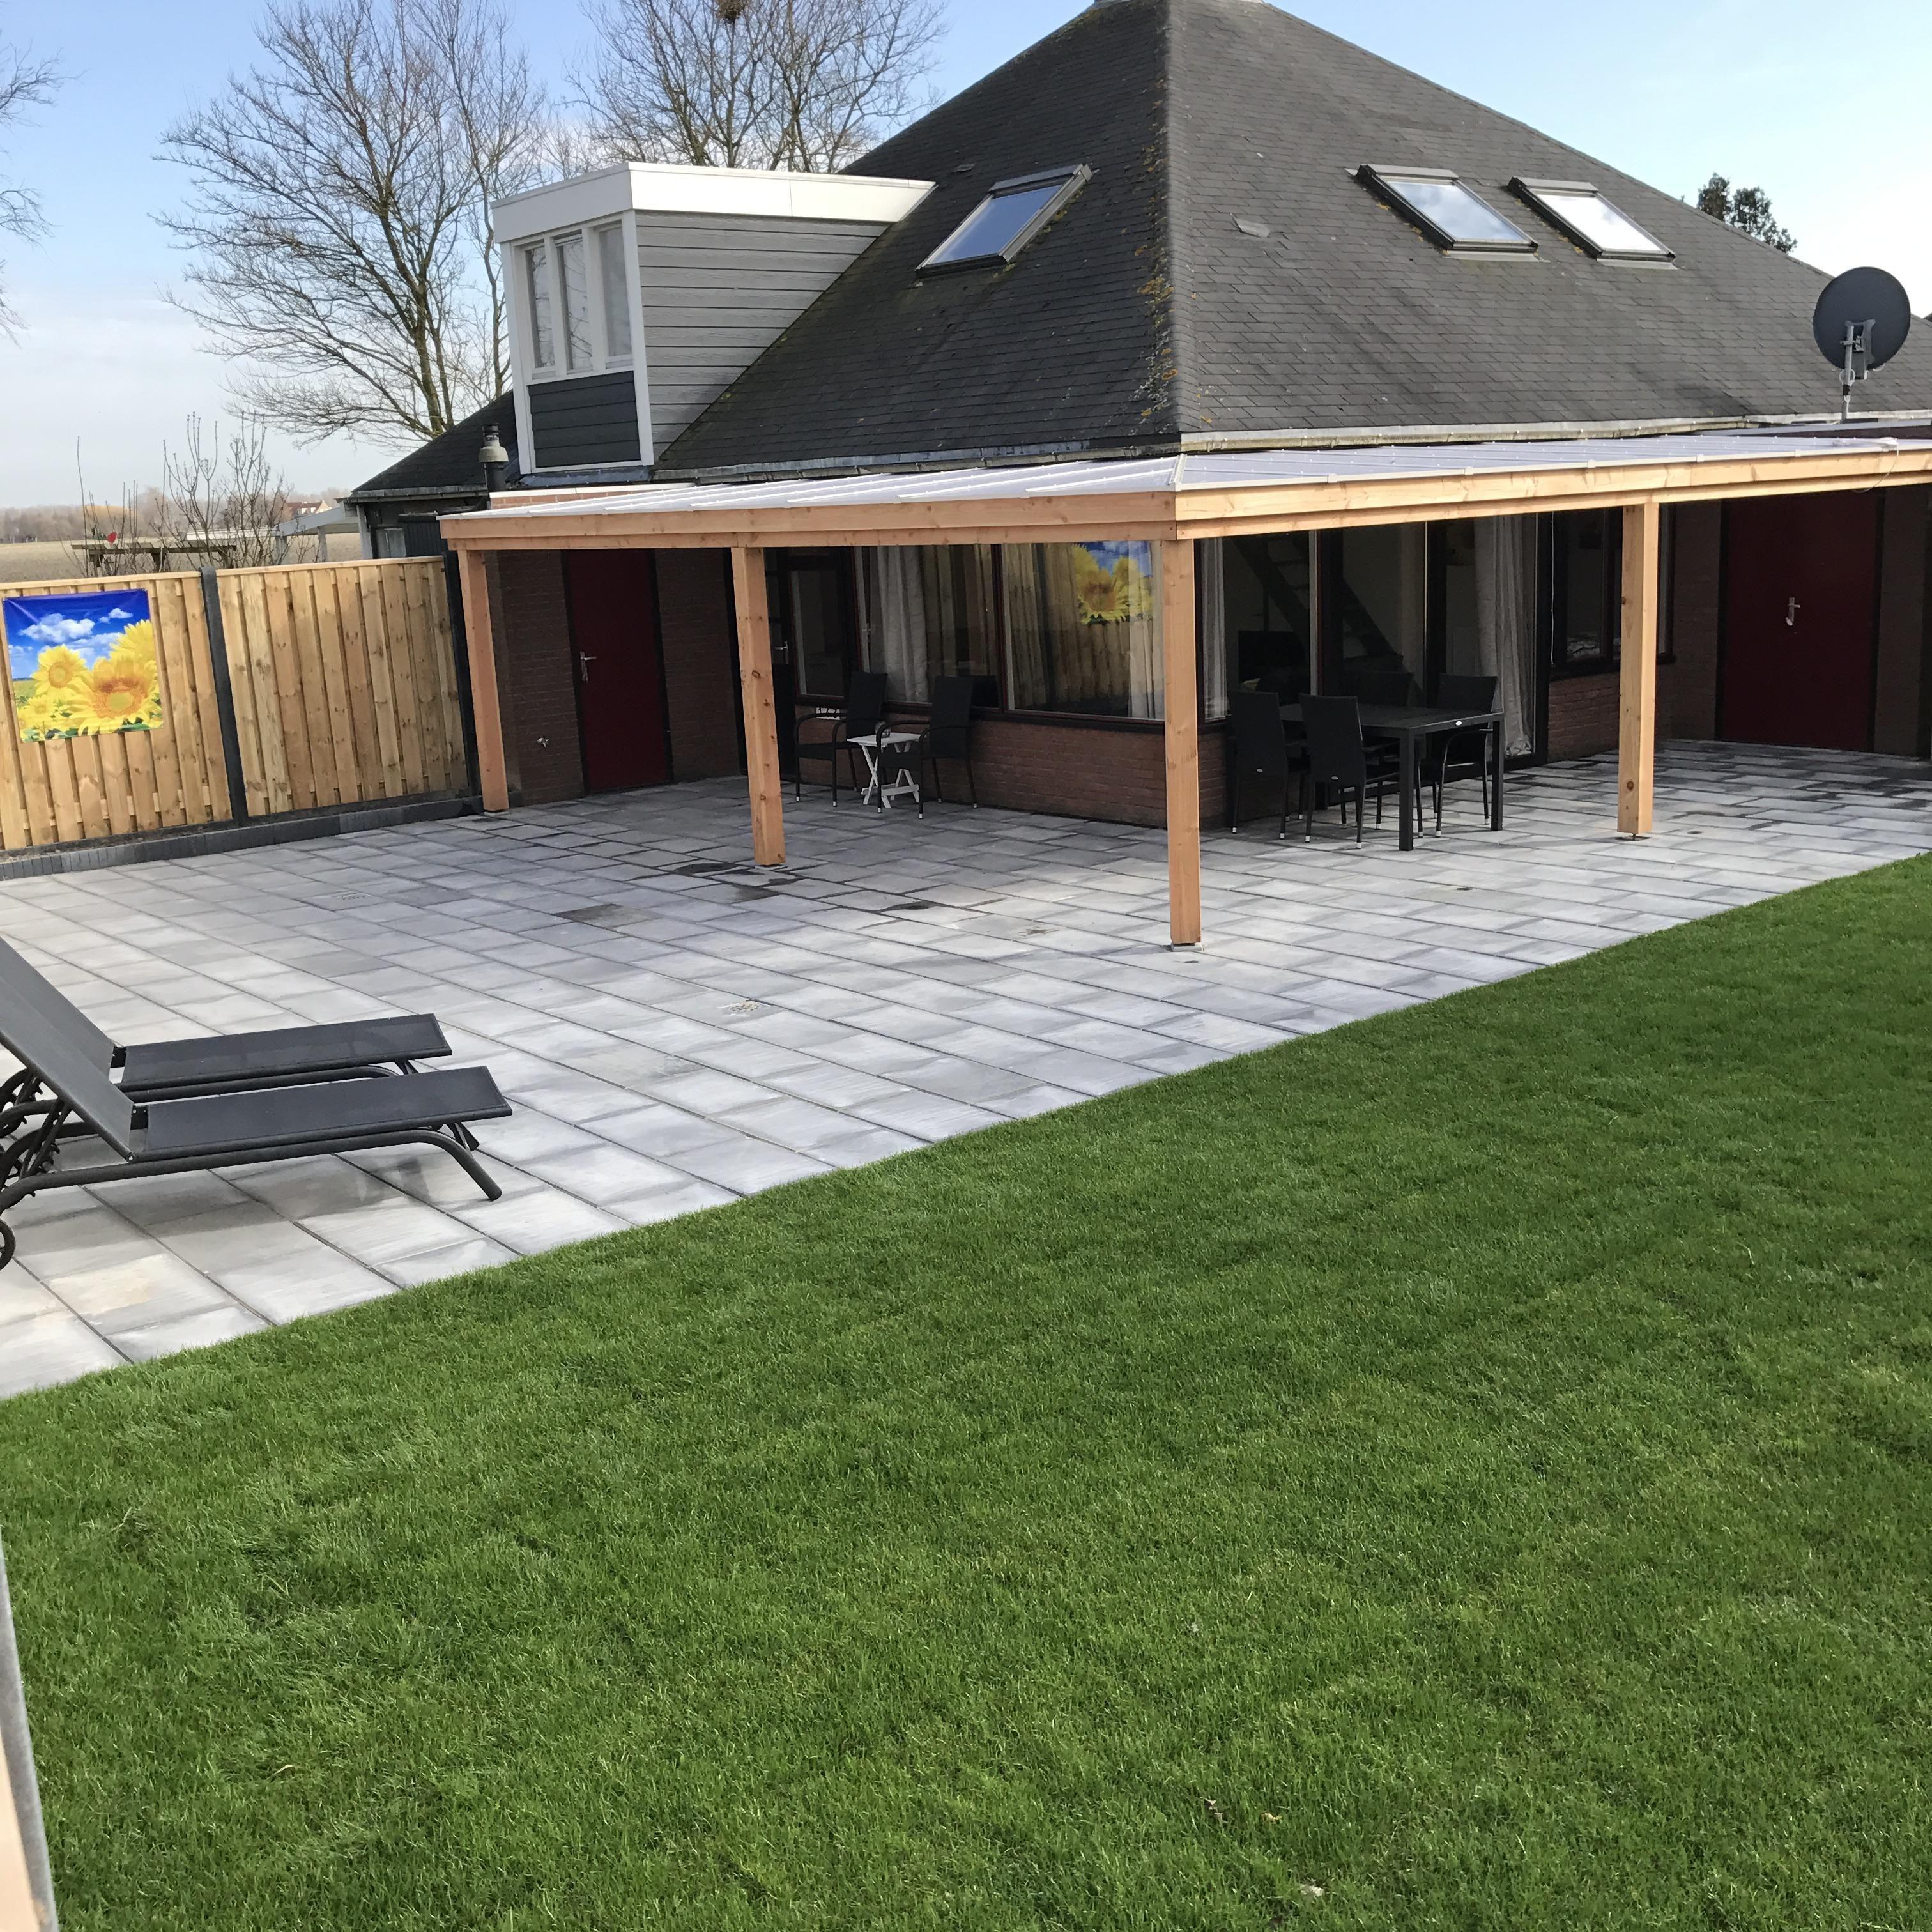 Ferienhaus für 4 Personen ca. 65 m² in S  in den Niederlande